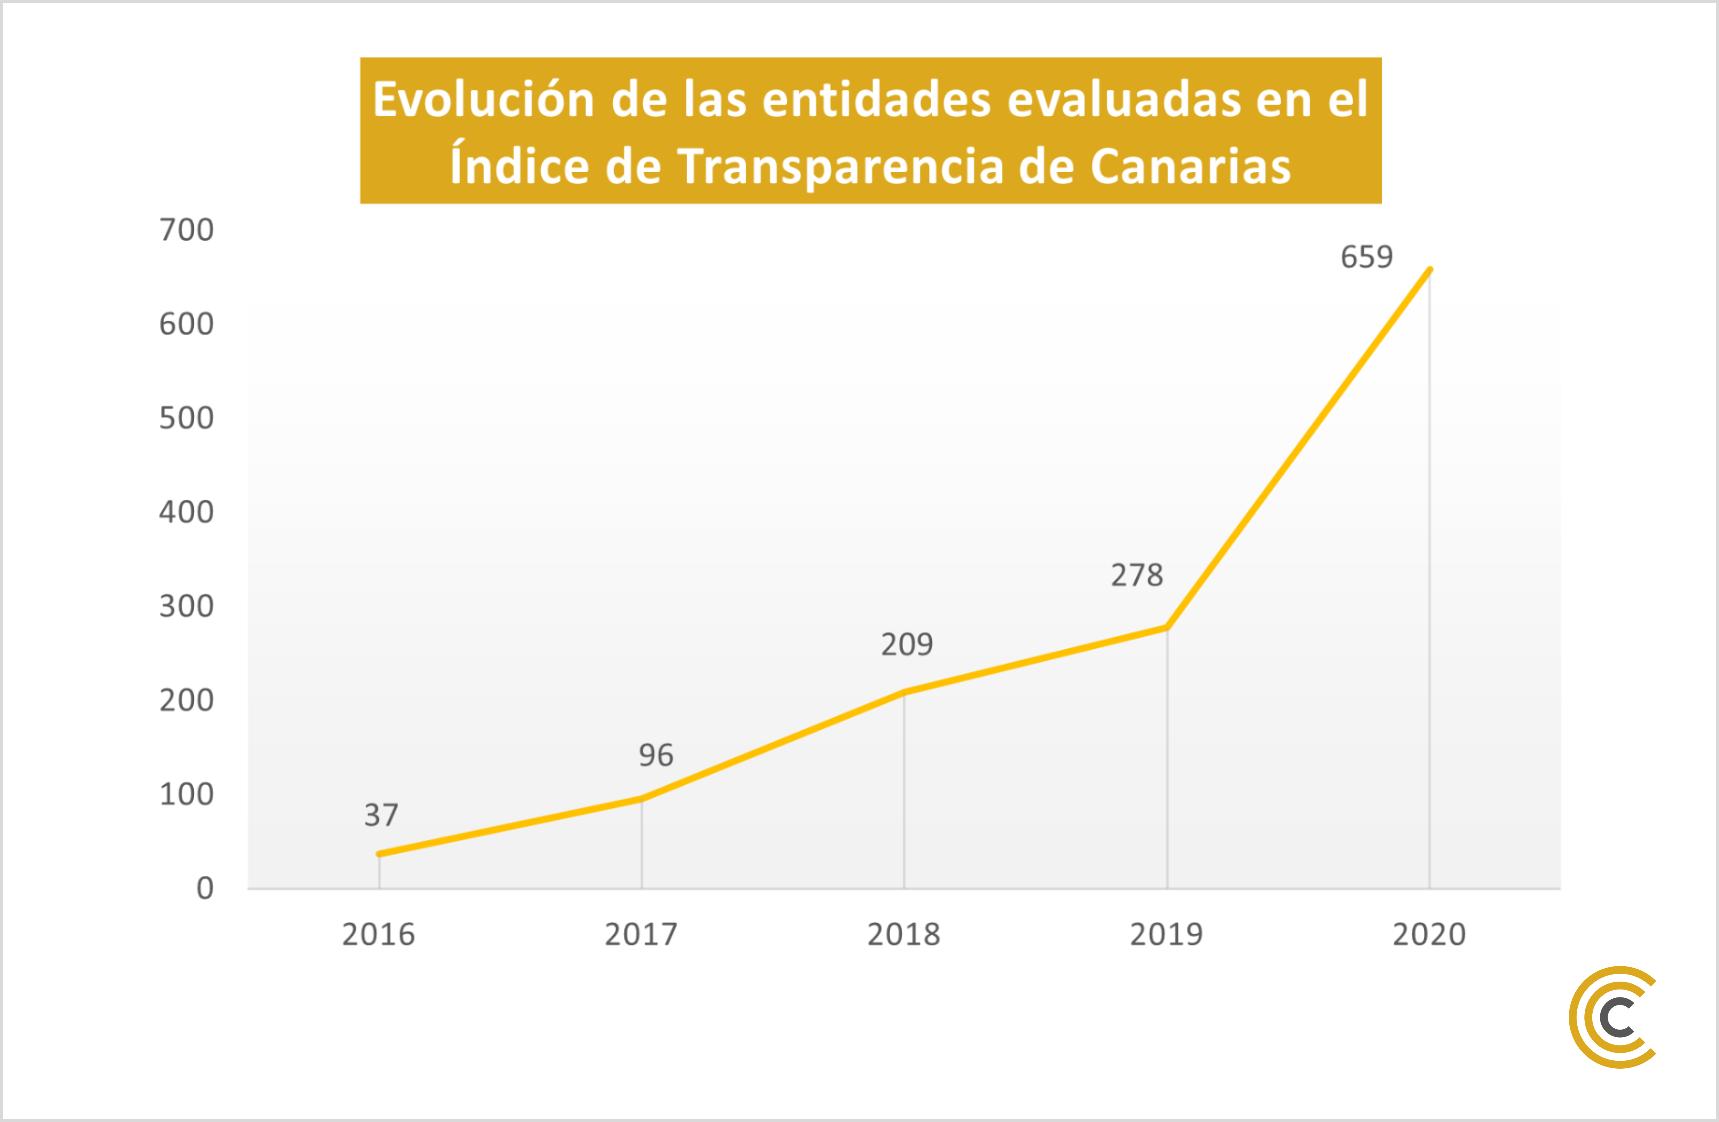 Este año declaran su nivel de transparencia 659 entidades, un 137 % más que las 278 del año 2019